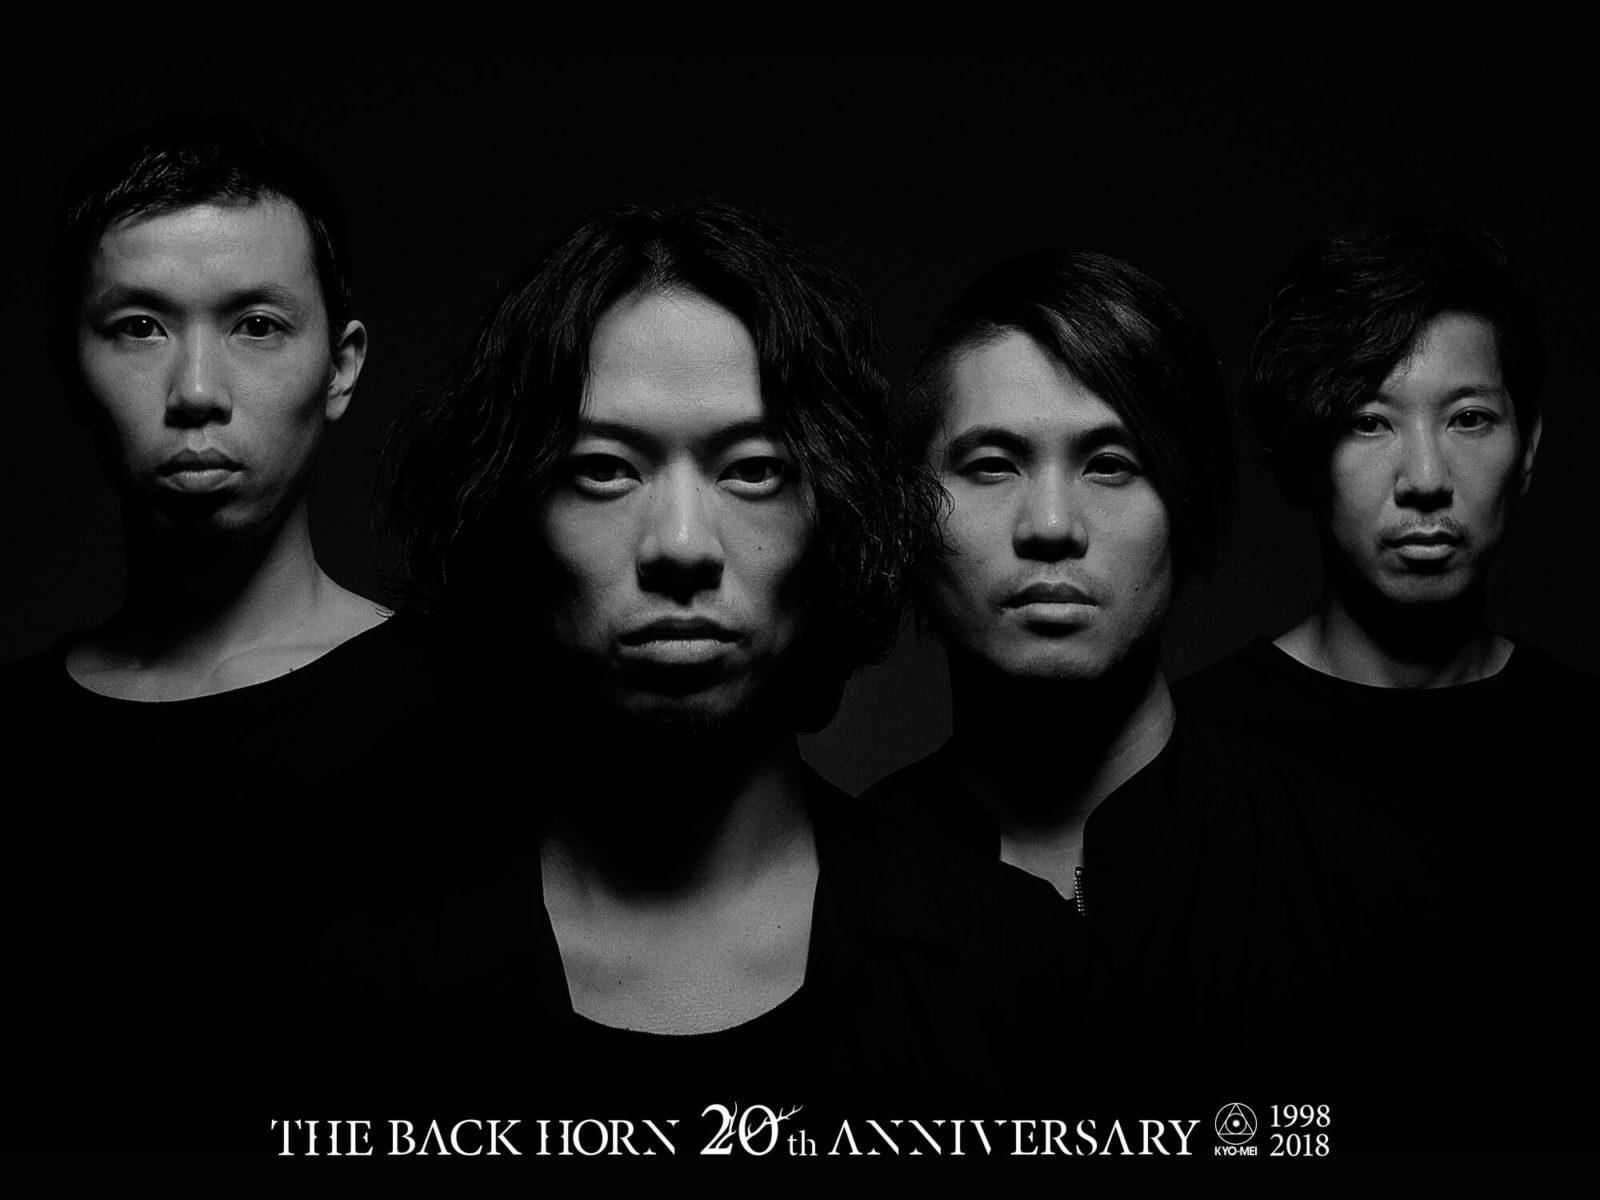 THE BACK HORN 情景泥棒ツアーファイナルをワンマン公演にて開催サムネイル画像